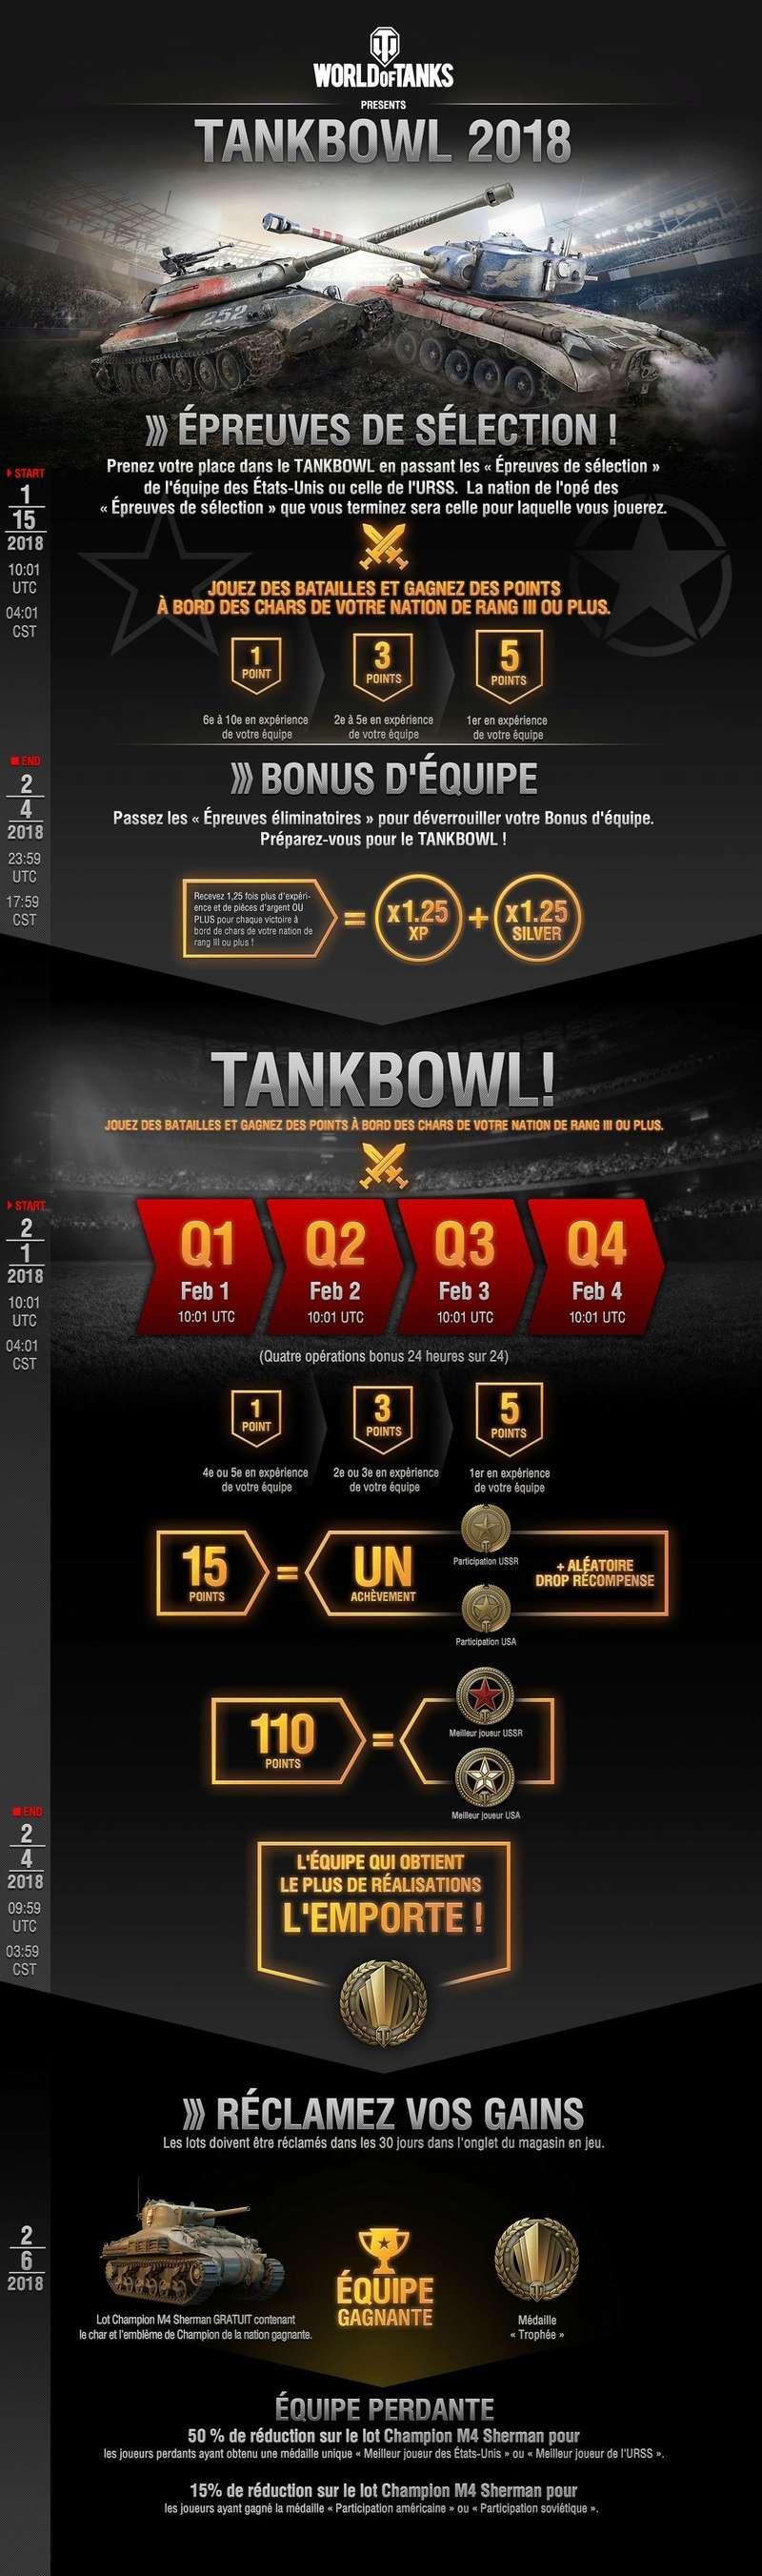 Tank bowl 2018 Tankbo10